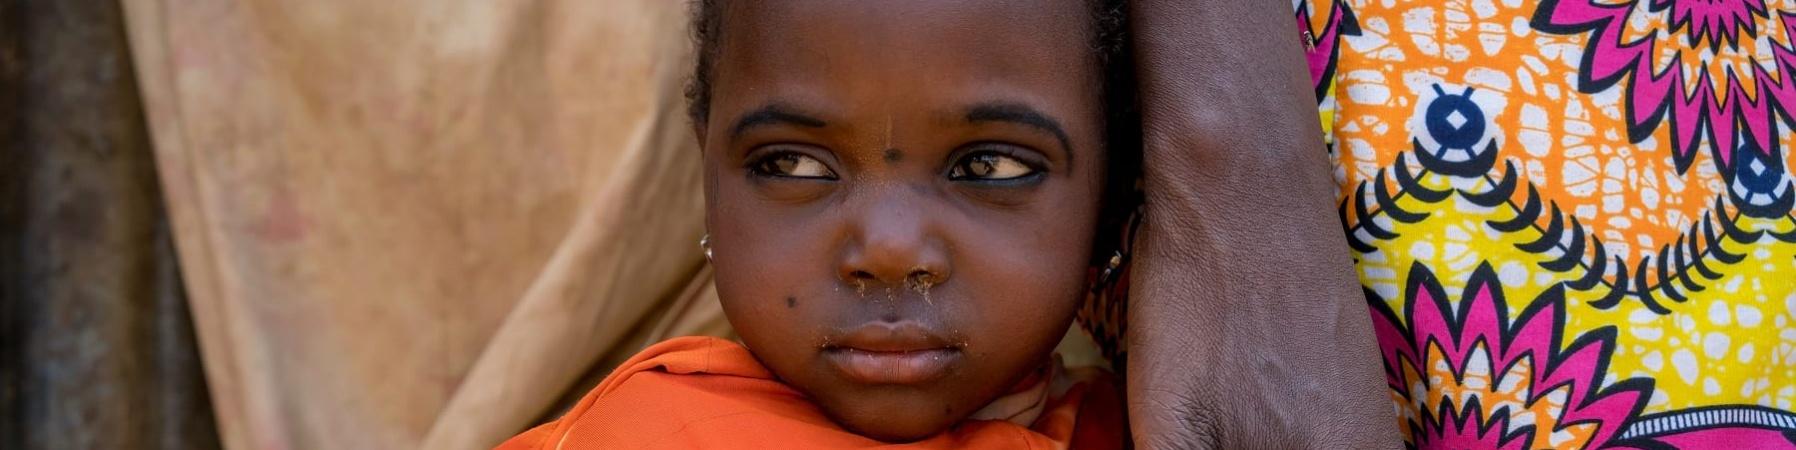 Primo piano di una bambina nigeriana con indosso una maglietta arancione che tiene per mano la mamma